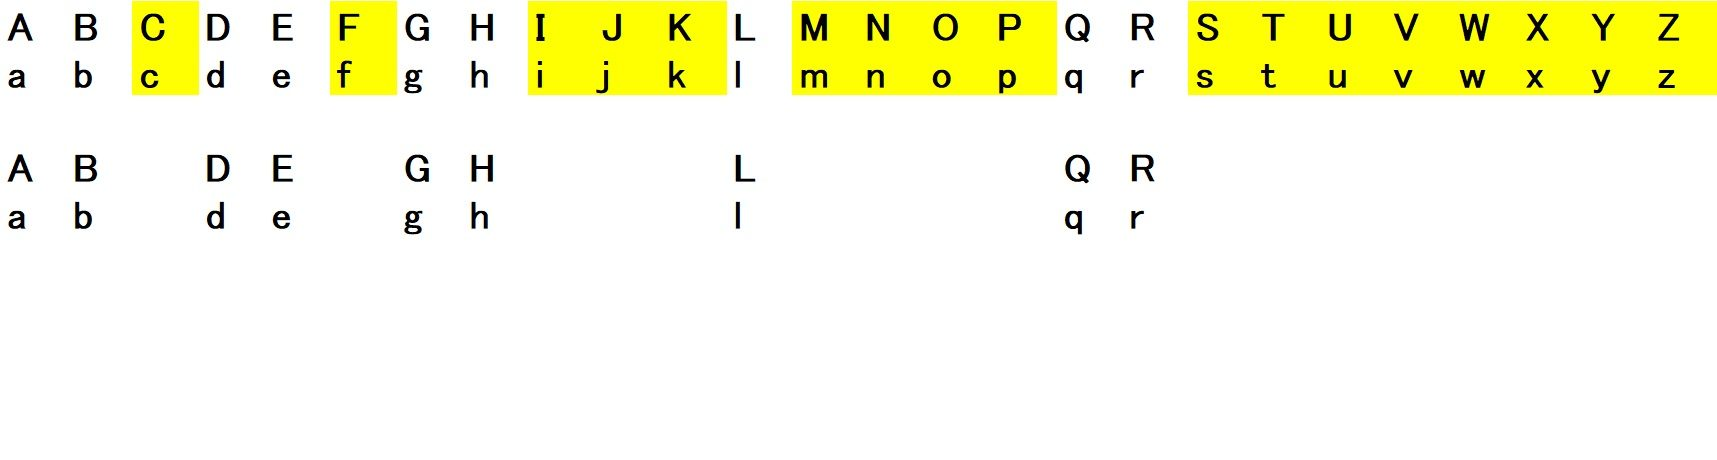 小学生が混乱したアルファベットの小文字と大文字について